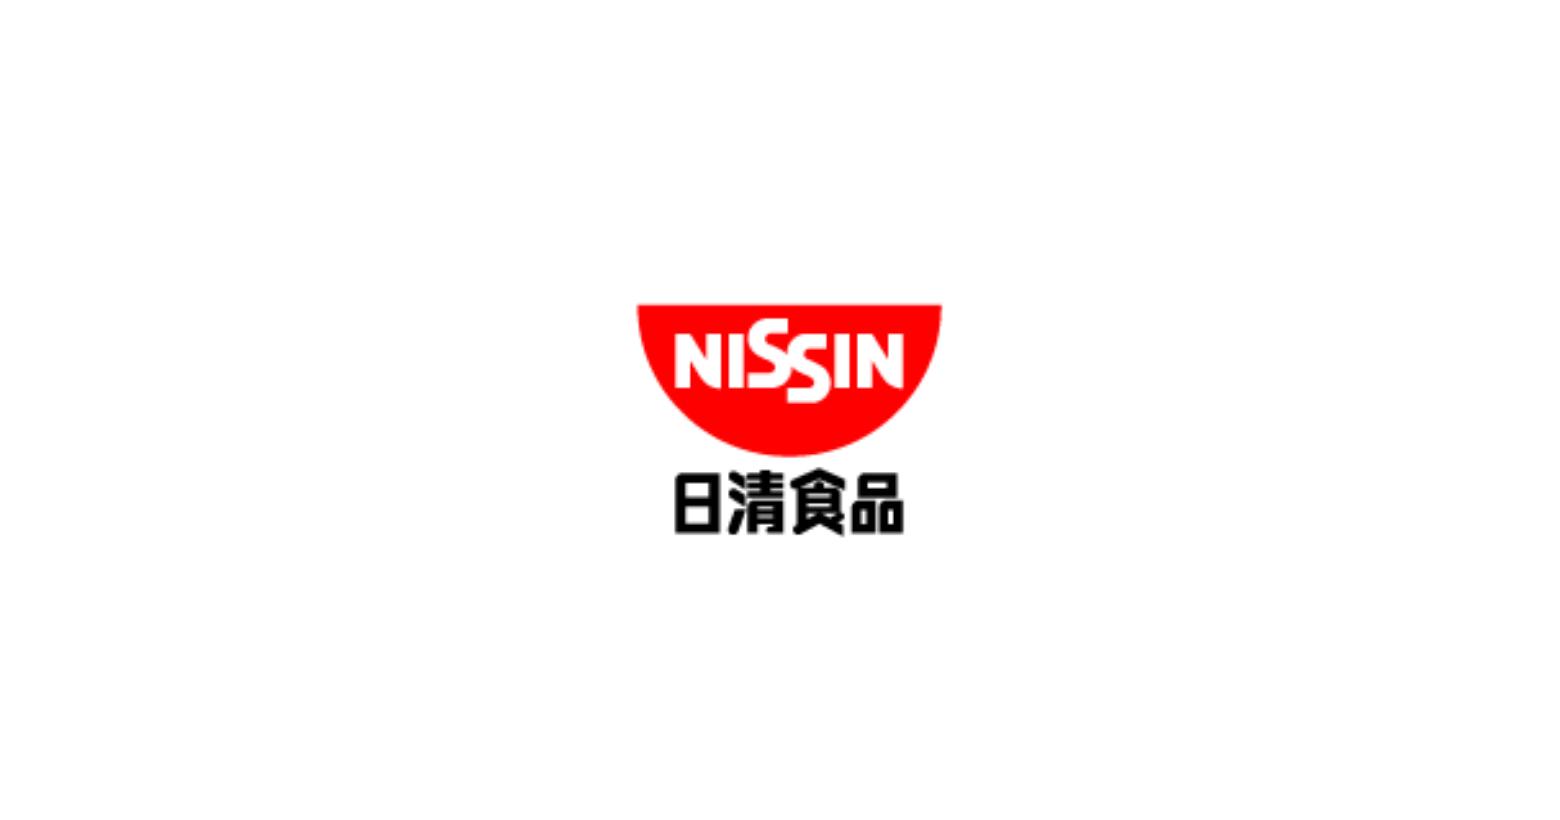 日清食品のロゴ